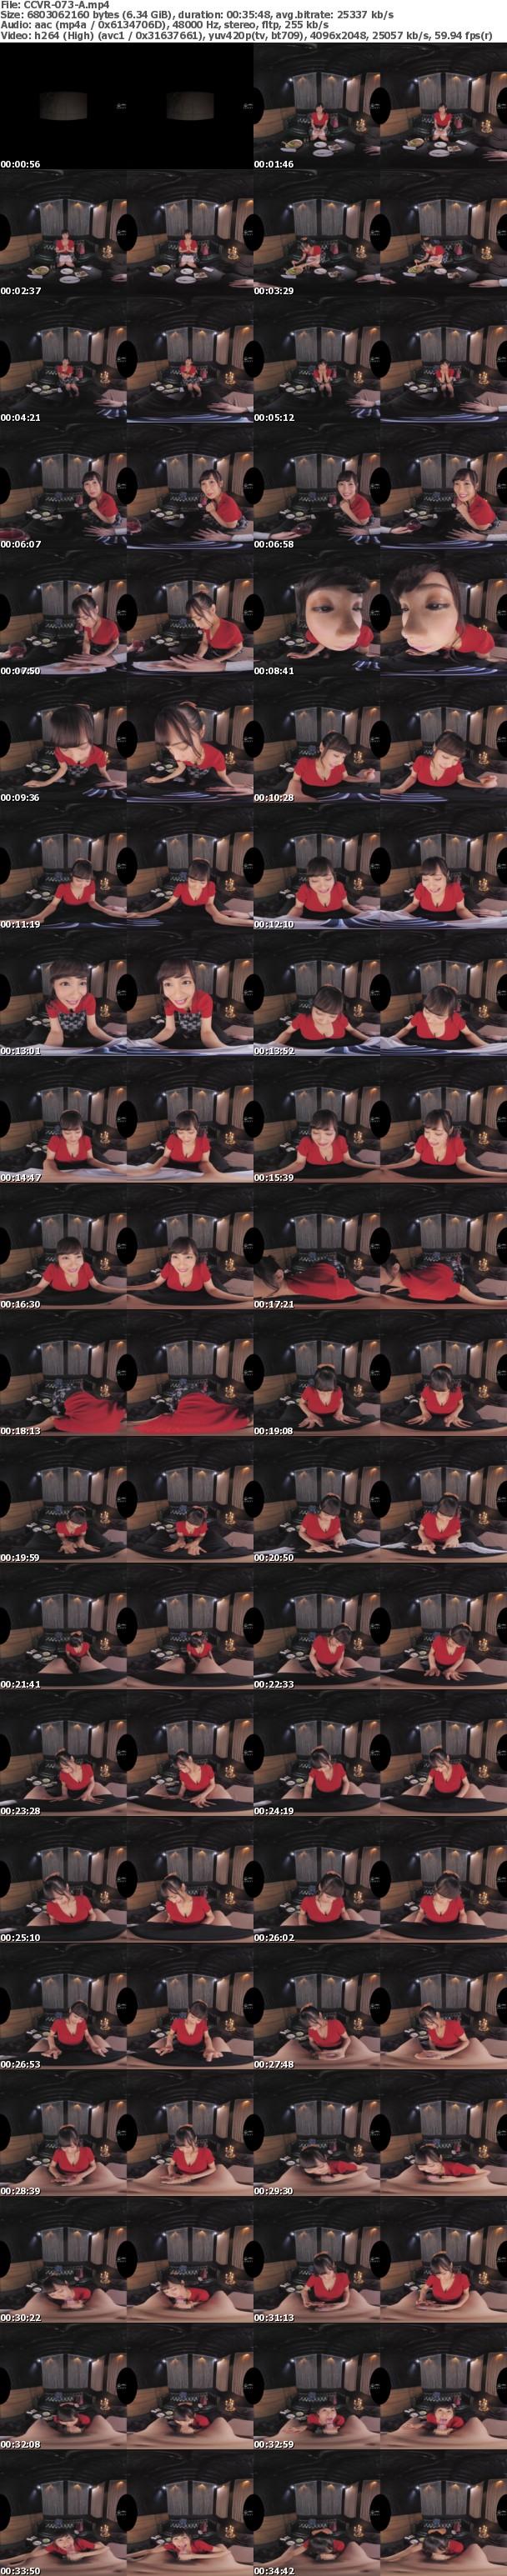 (VR) CCVR-073 「先輩、ずっとご飯誘われるの待ってました◆」ちょっと気になってた後輩社員の巨乳Hカップちゃんに誘われて、彼女いるのに隠れ屋barの個室でヤッちゃいました。わかっちゃいるのに…アザトカワイイ女子に男は本当に目がない!逢見リカ